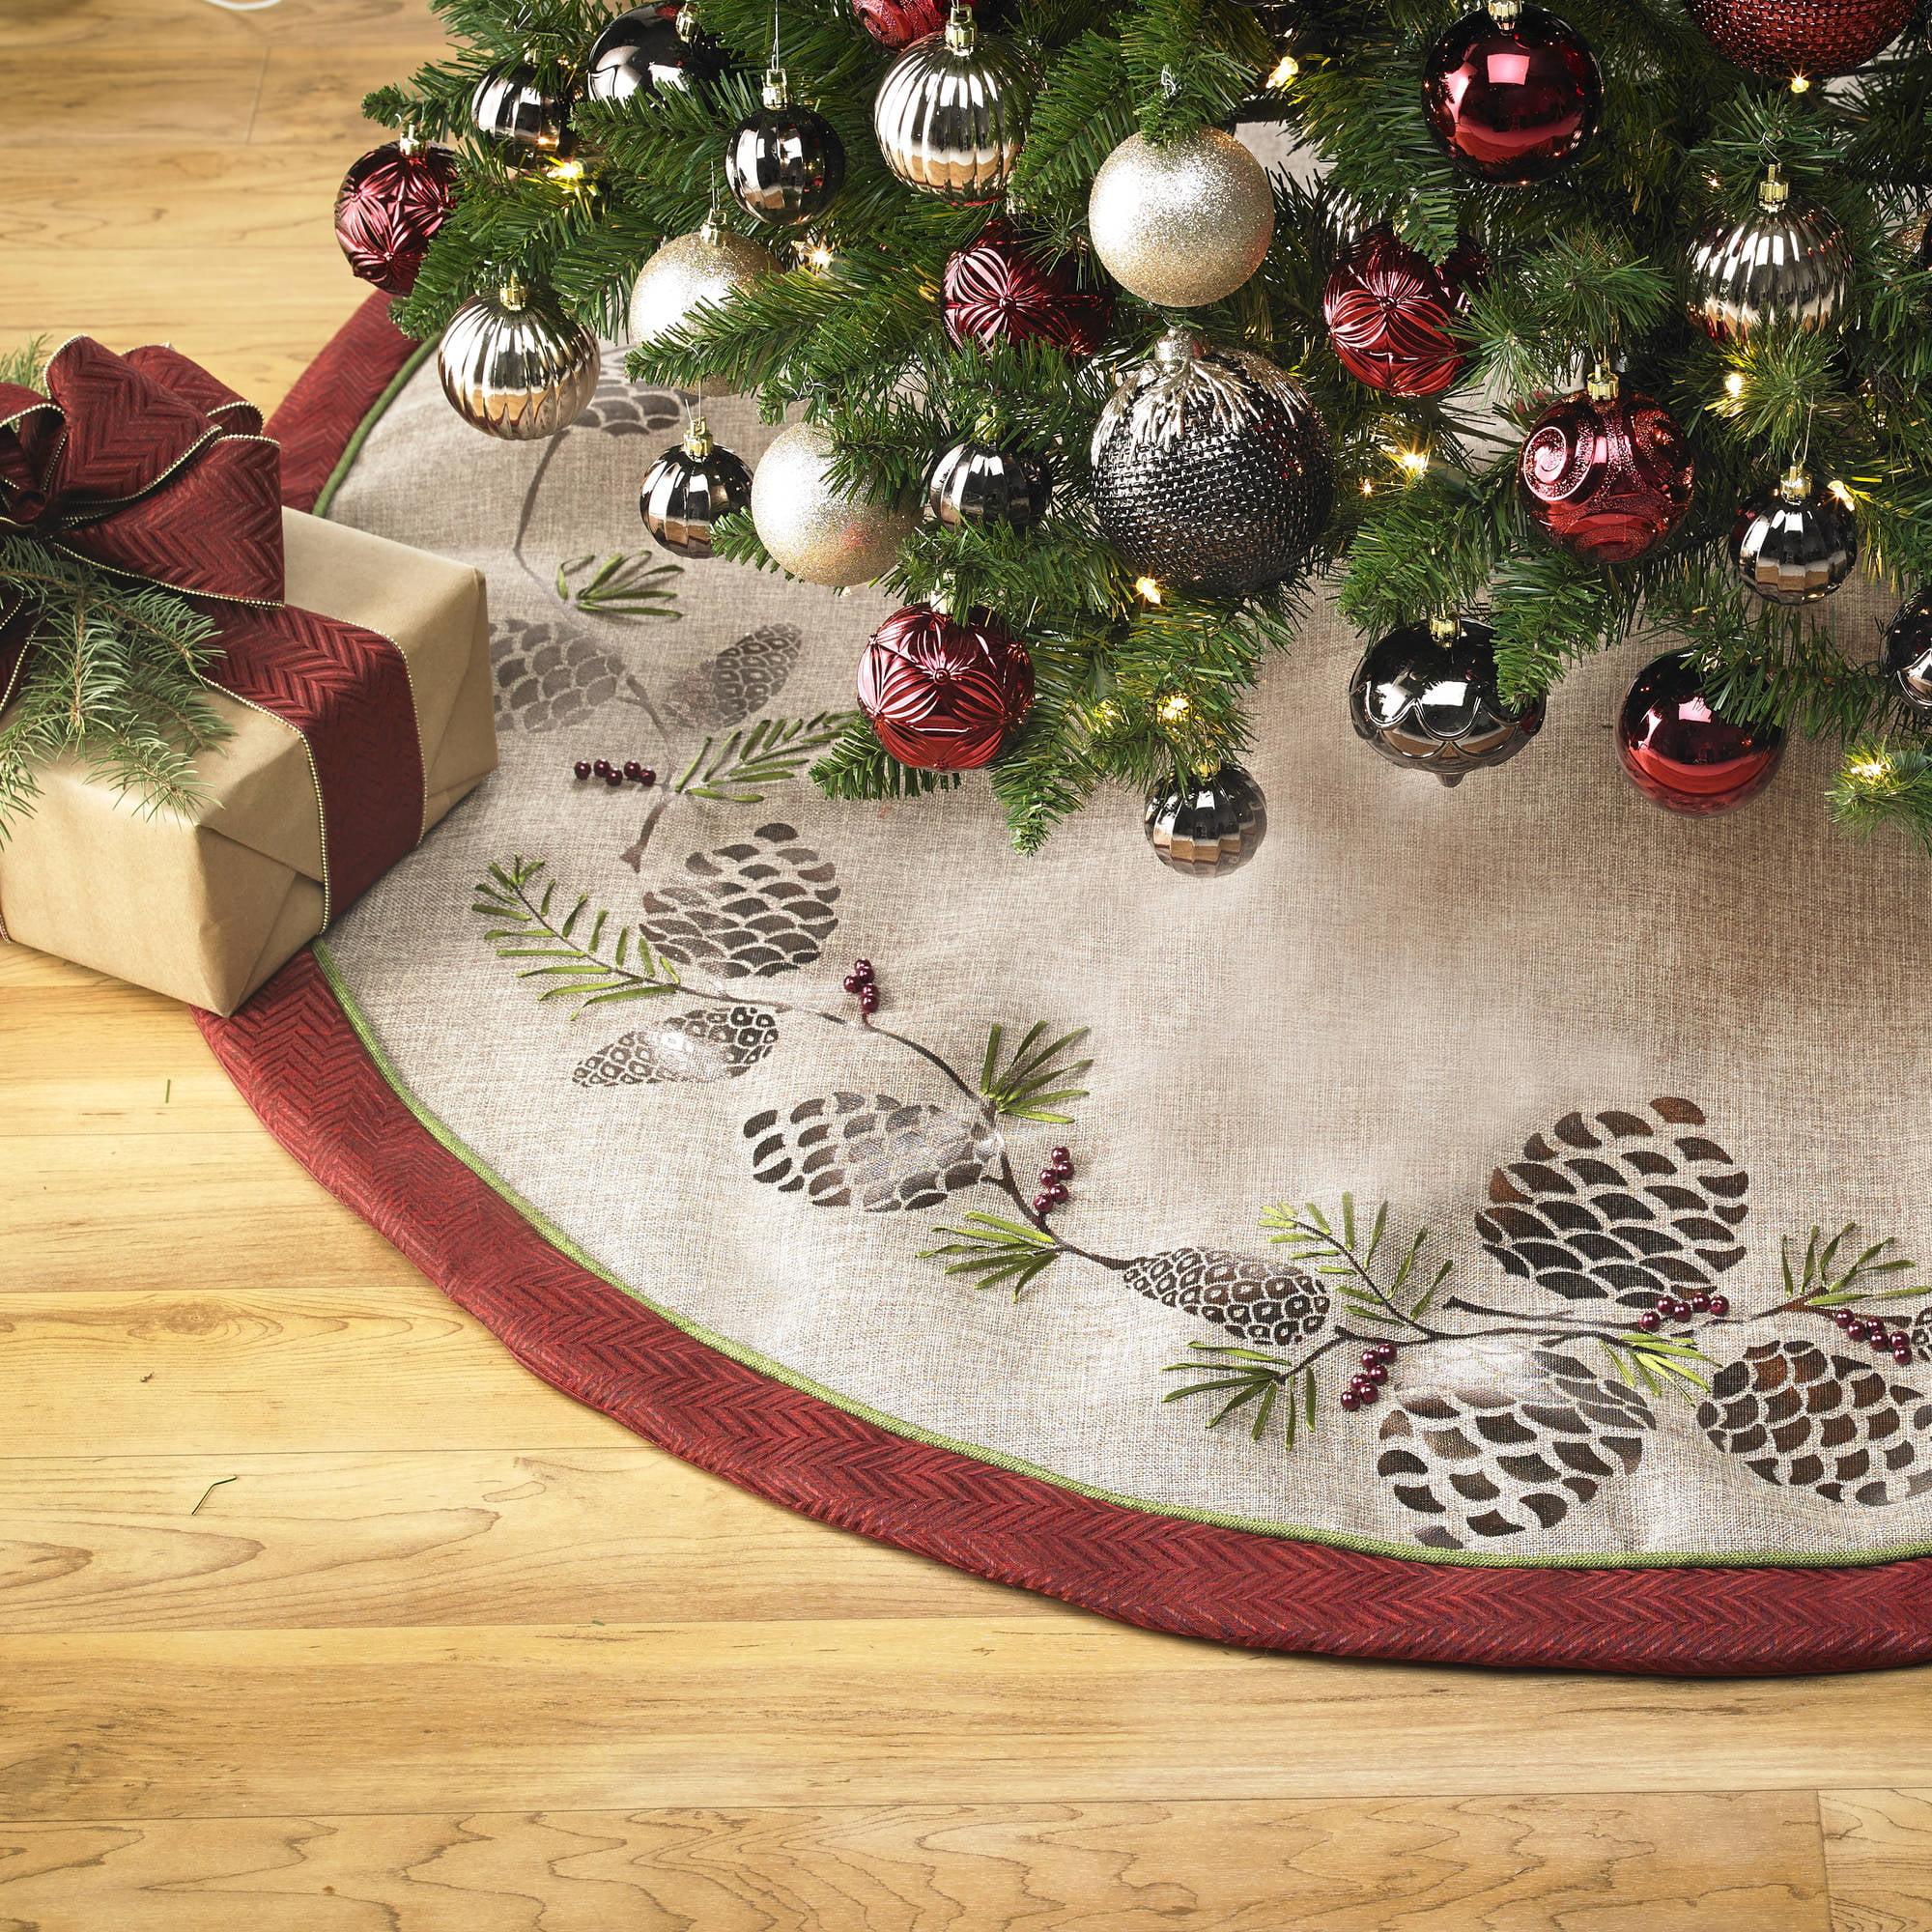 holiday time pinecone skirt walmartcom - Walmart Christmas Tree Skirts